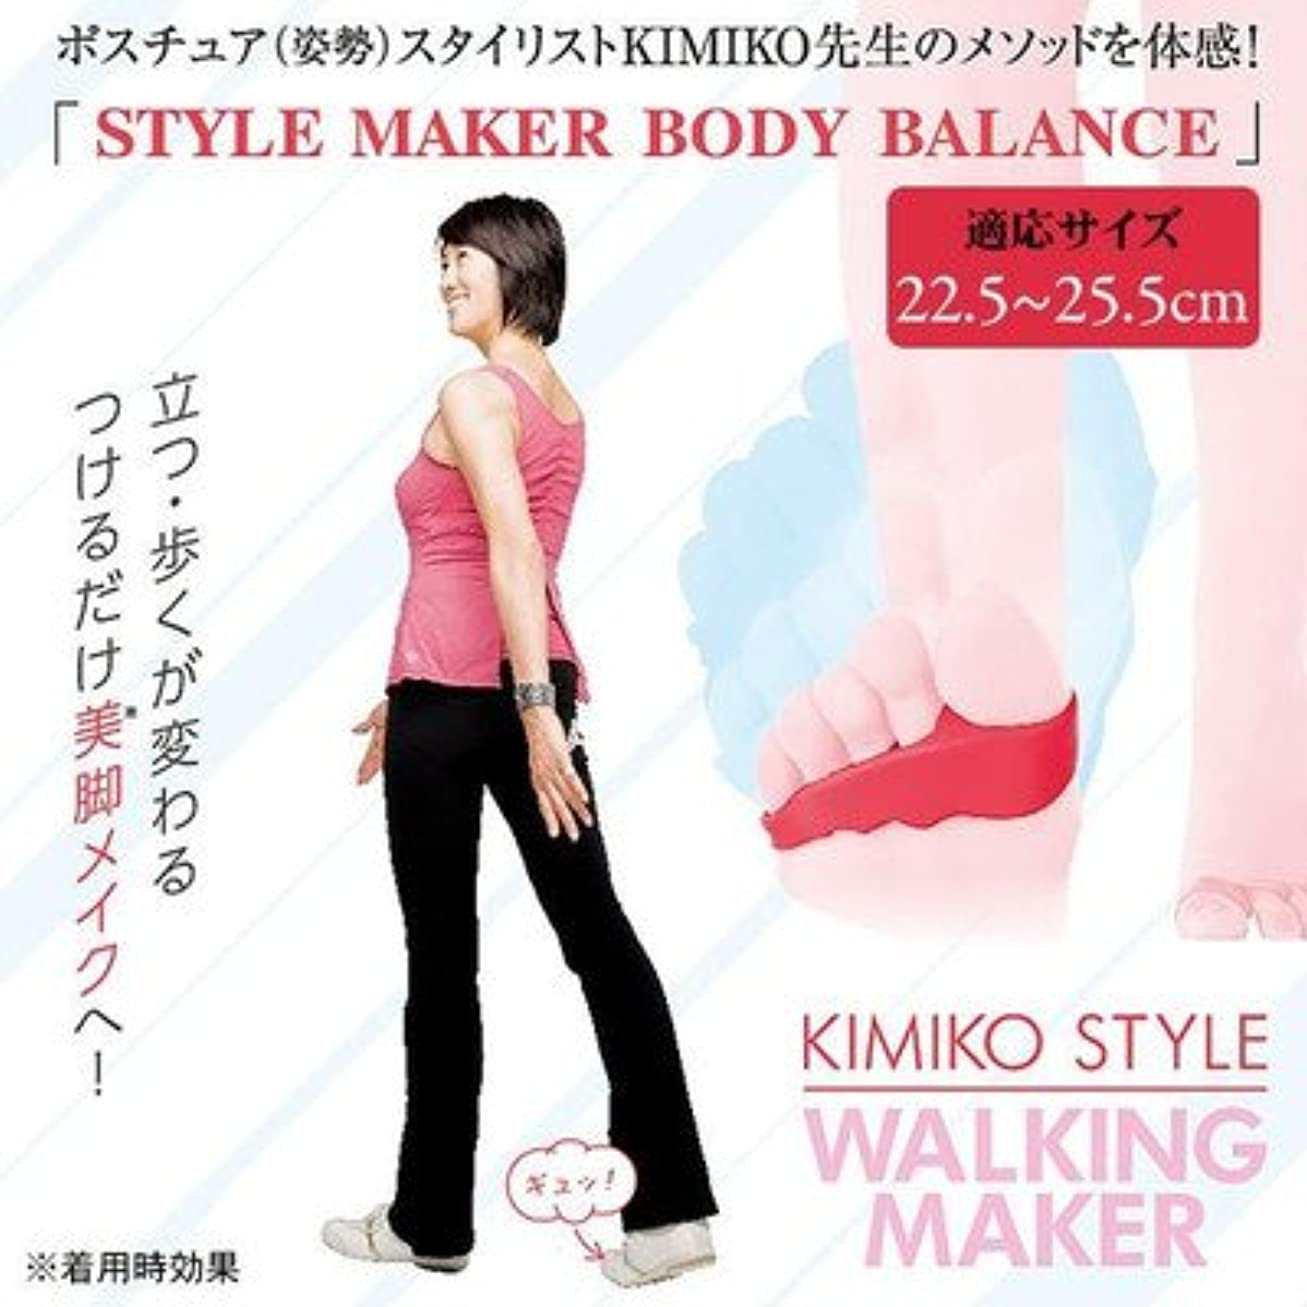 付けて歩いて 正しい歩行姿勢へナビゲート KIMIKO STYLE キミコスタイル WALKING MAKER ウォーキングメーカー 1足入